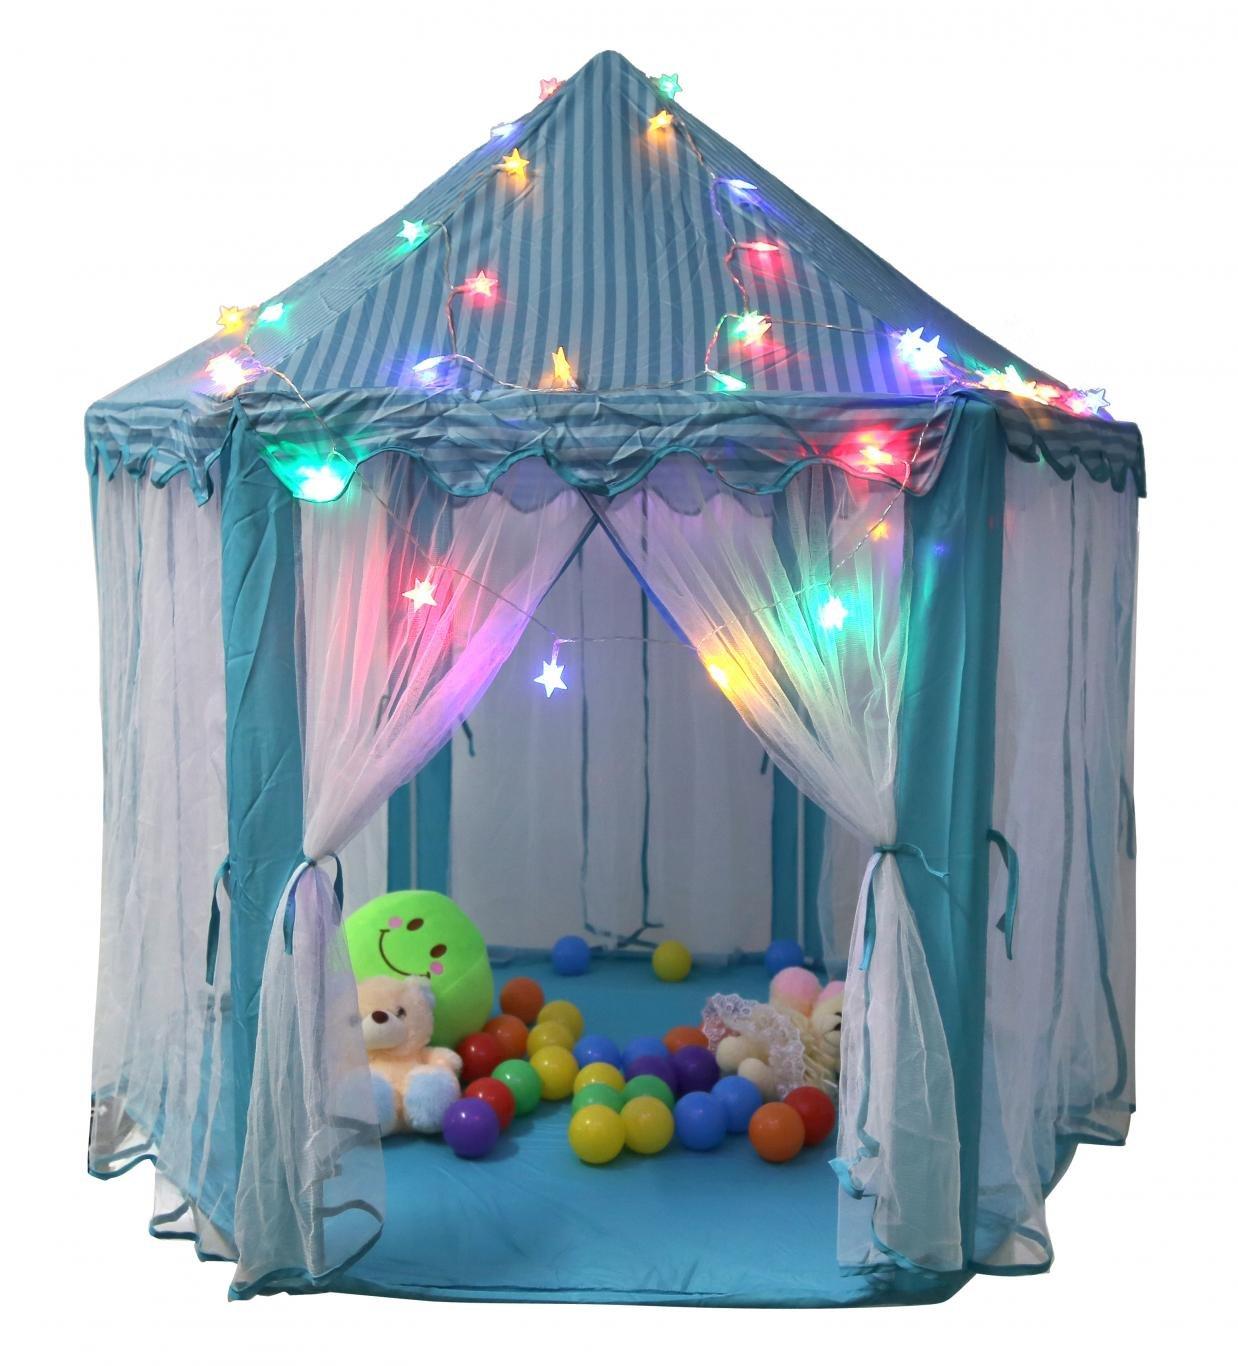 WODISON Sechseck Spielhaus Prinzessin Play Zelt für Kinder mit Stern ...